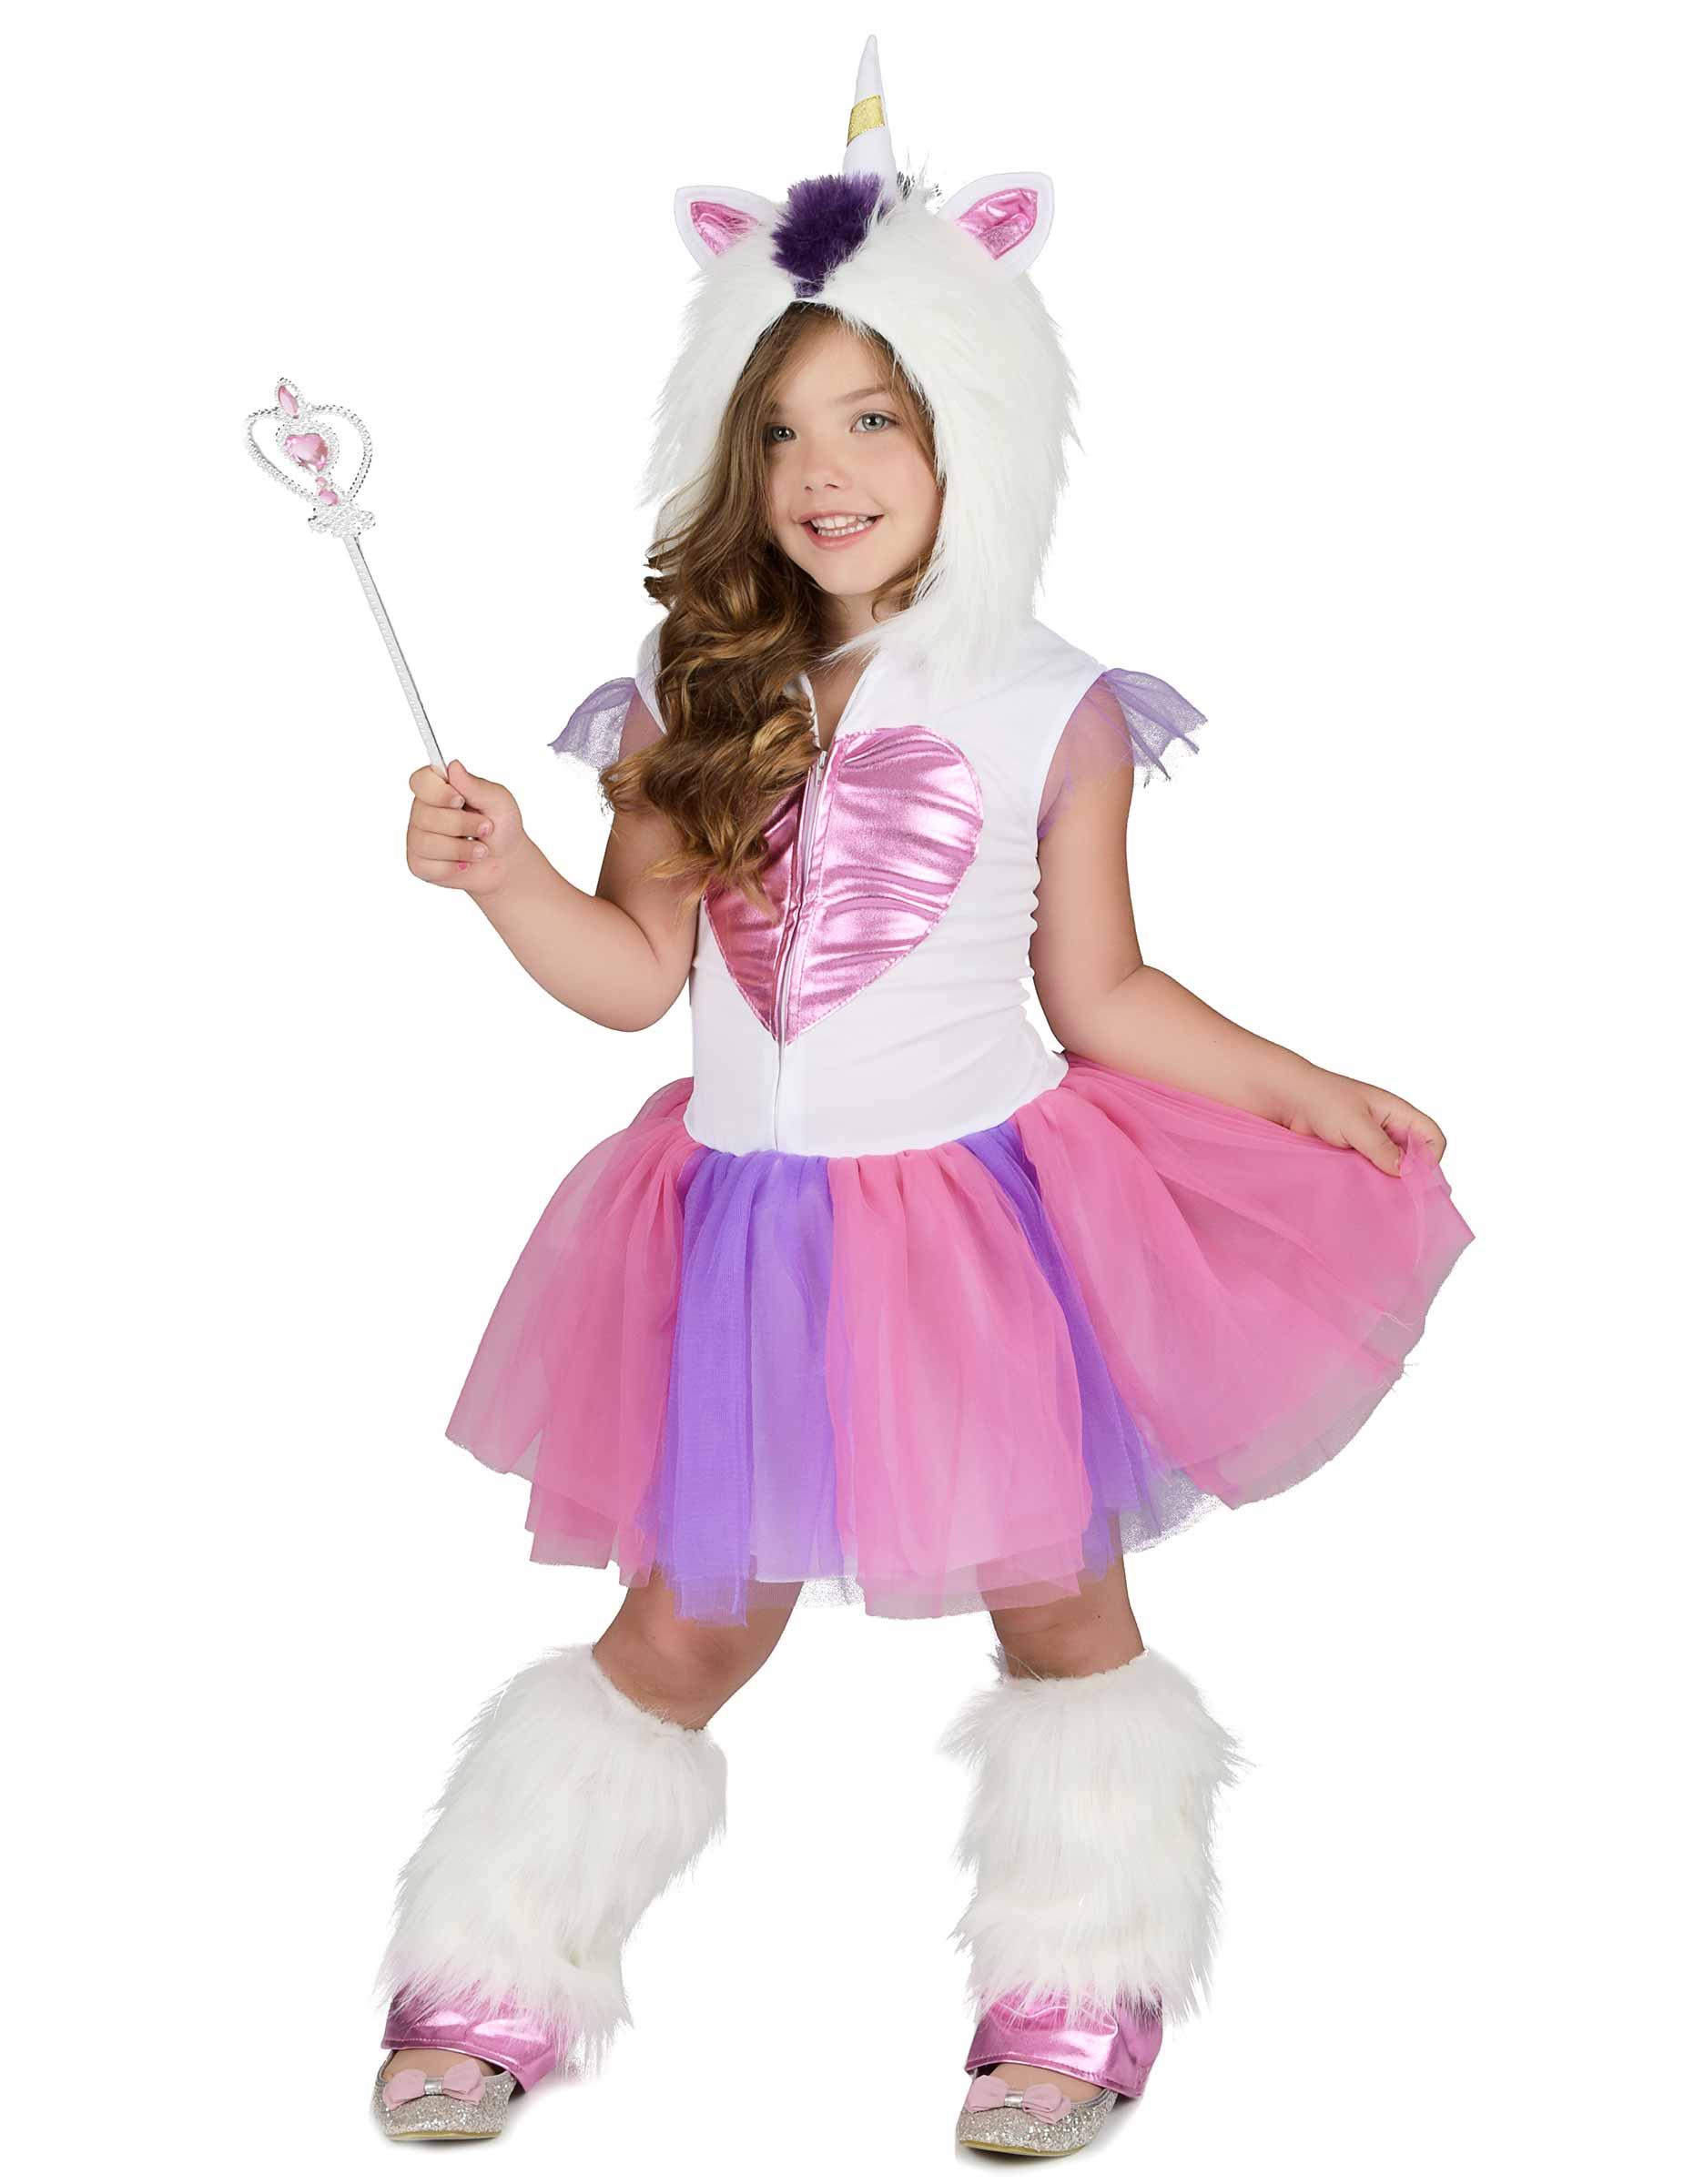 Top 10 Kids Halloween Costumes